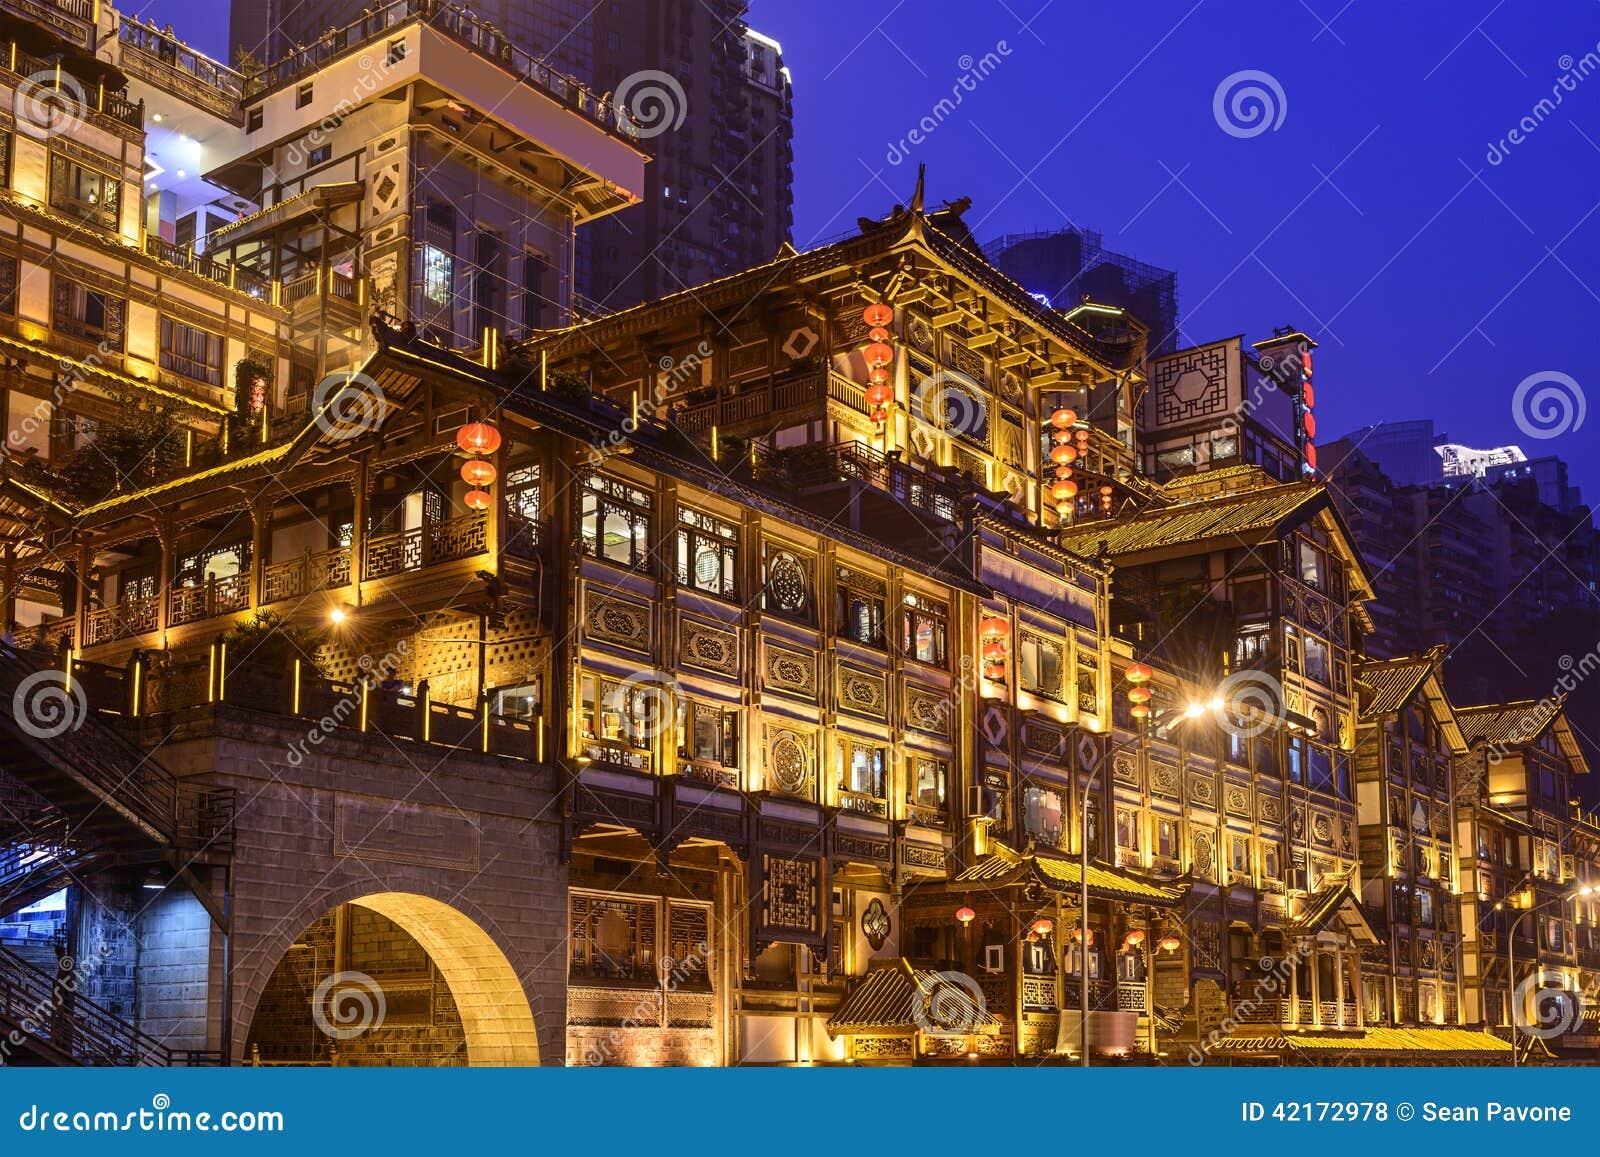 Chongqing At Hongyadong Stock Photo - Image: 42172978